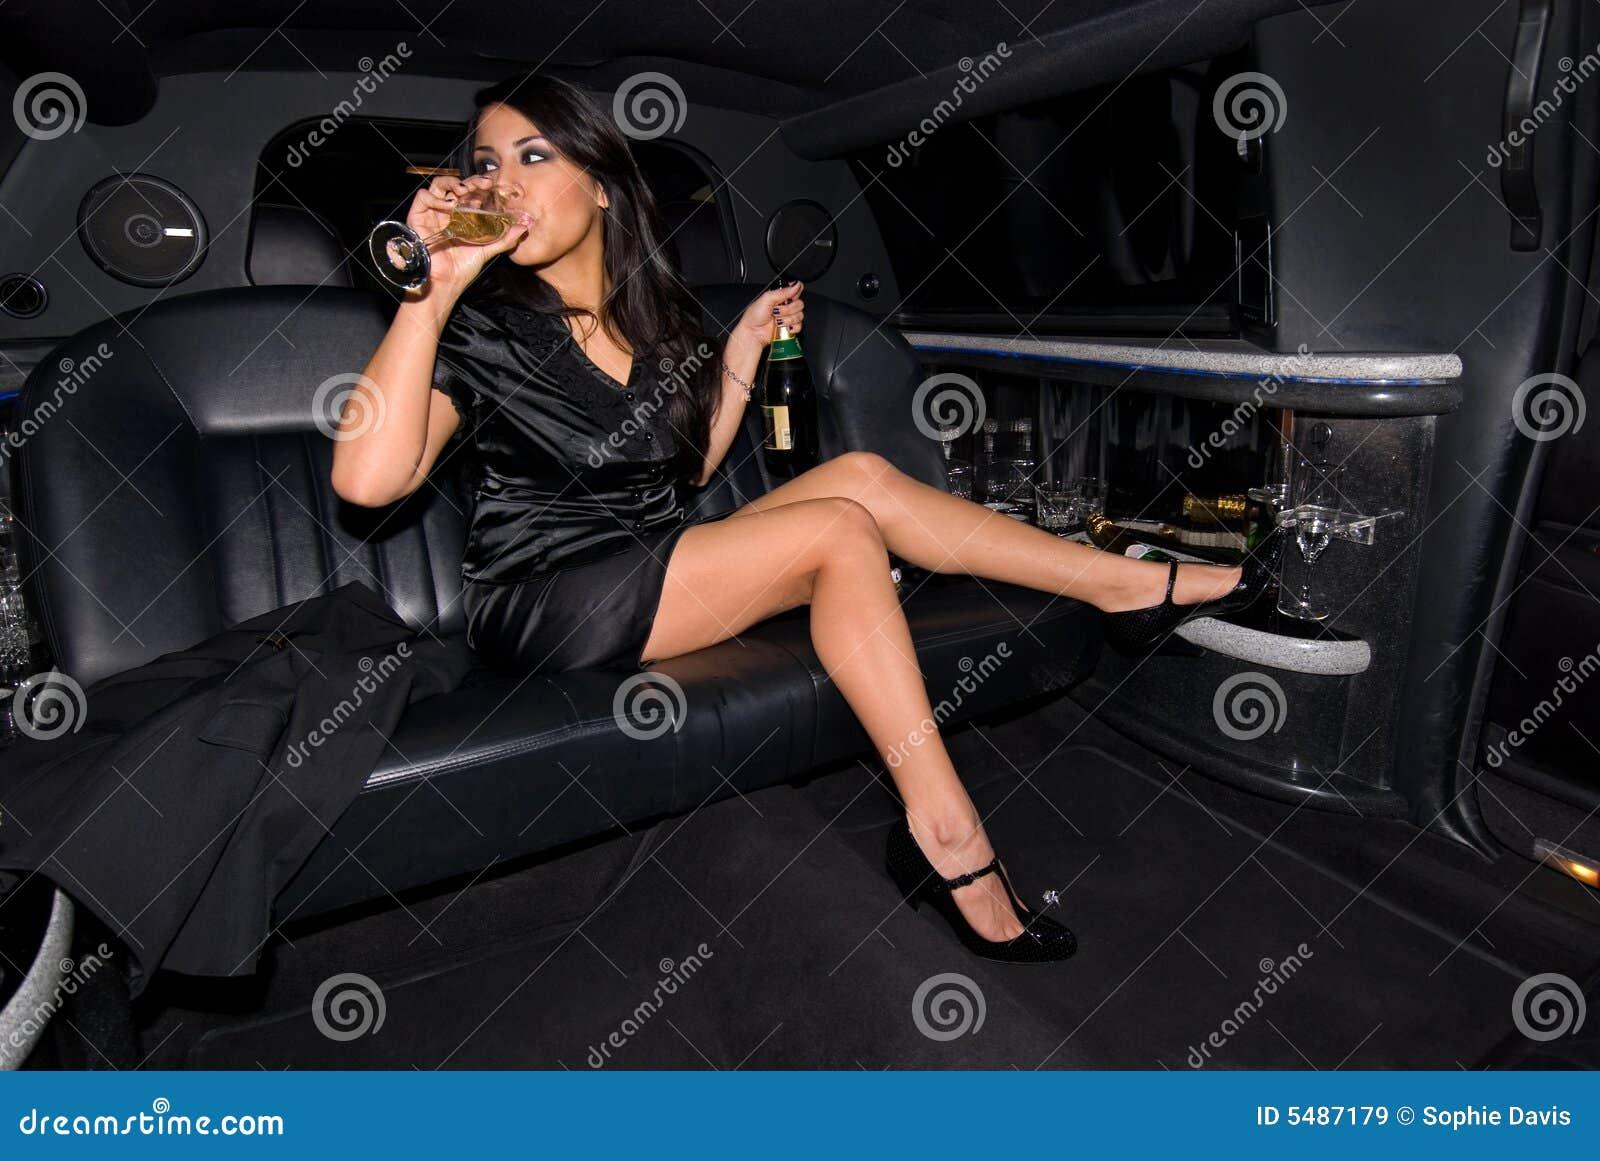 nova iguau single mature ladies Fique horas transando e enlouqueça qualquer mulher guia do orgasmo feminino ereções duradouras aumento do pênis acesse wwwcdoncombr/msvs.